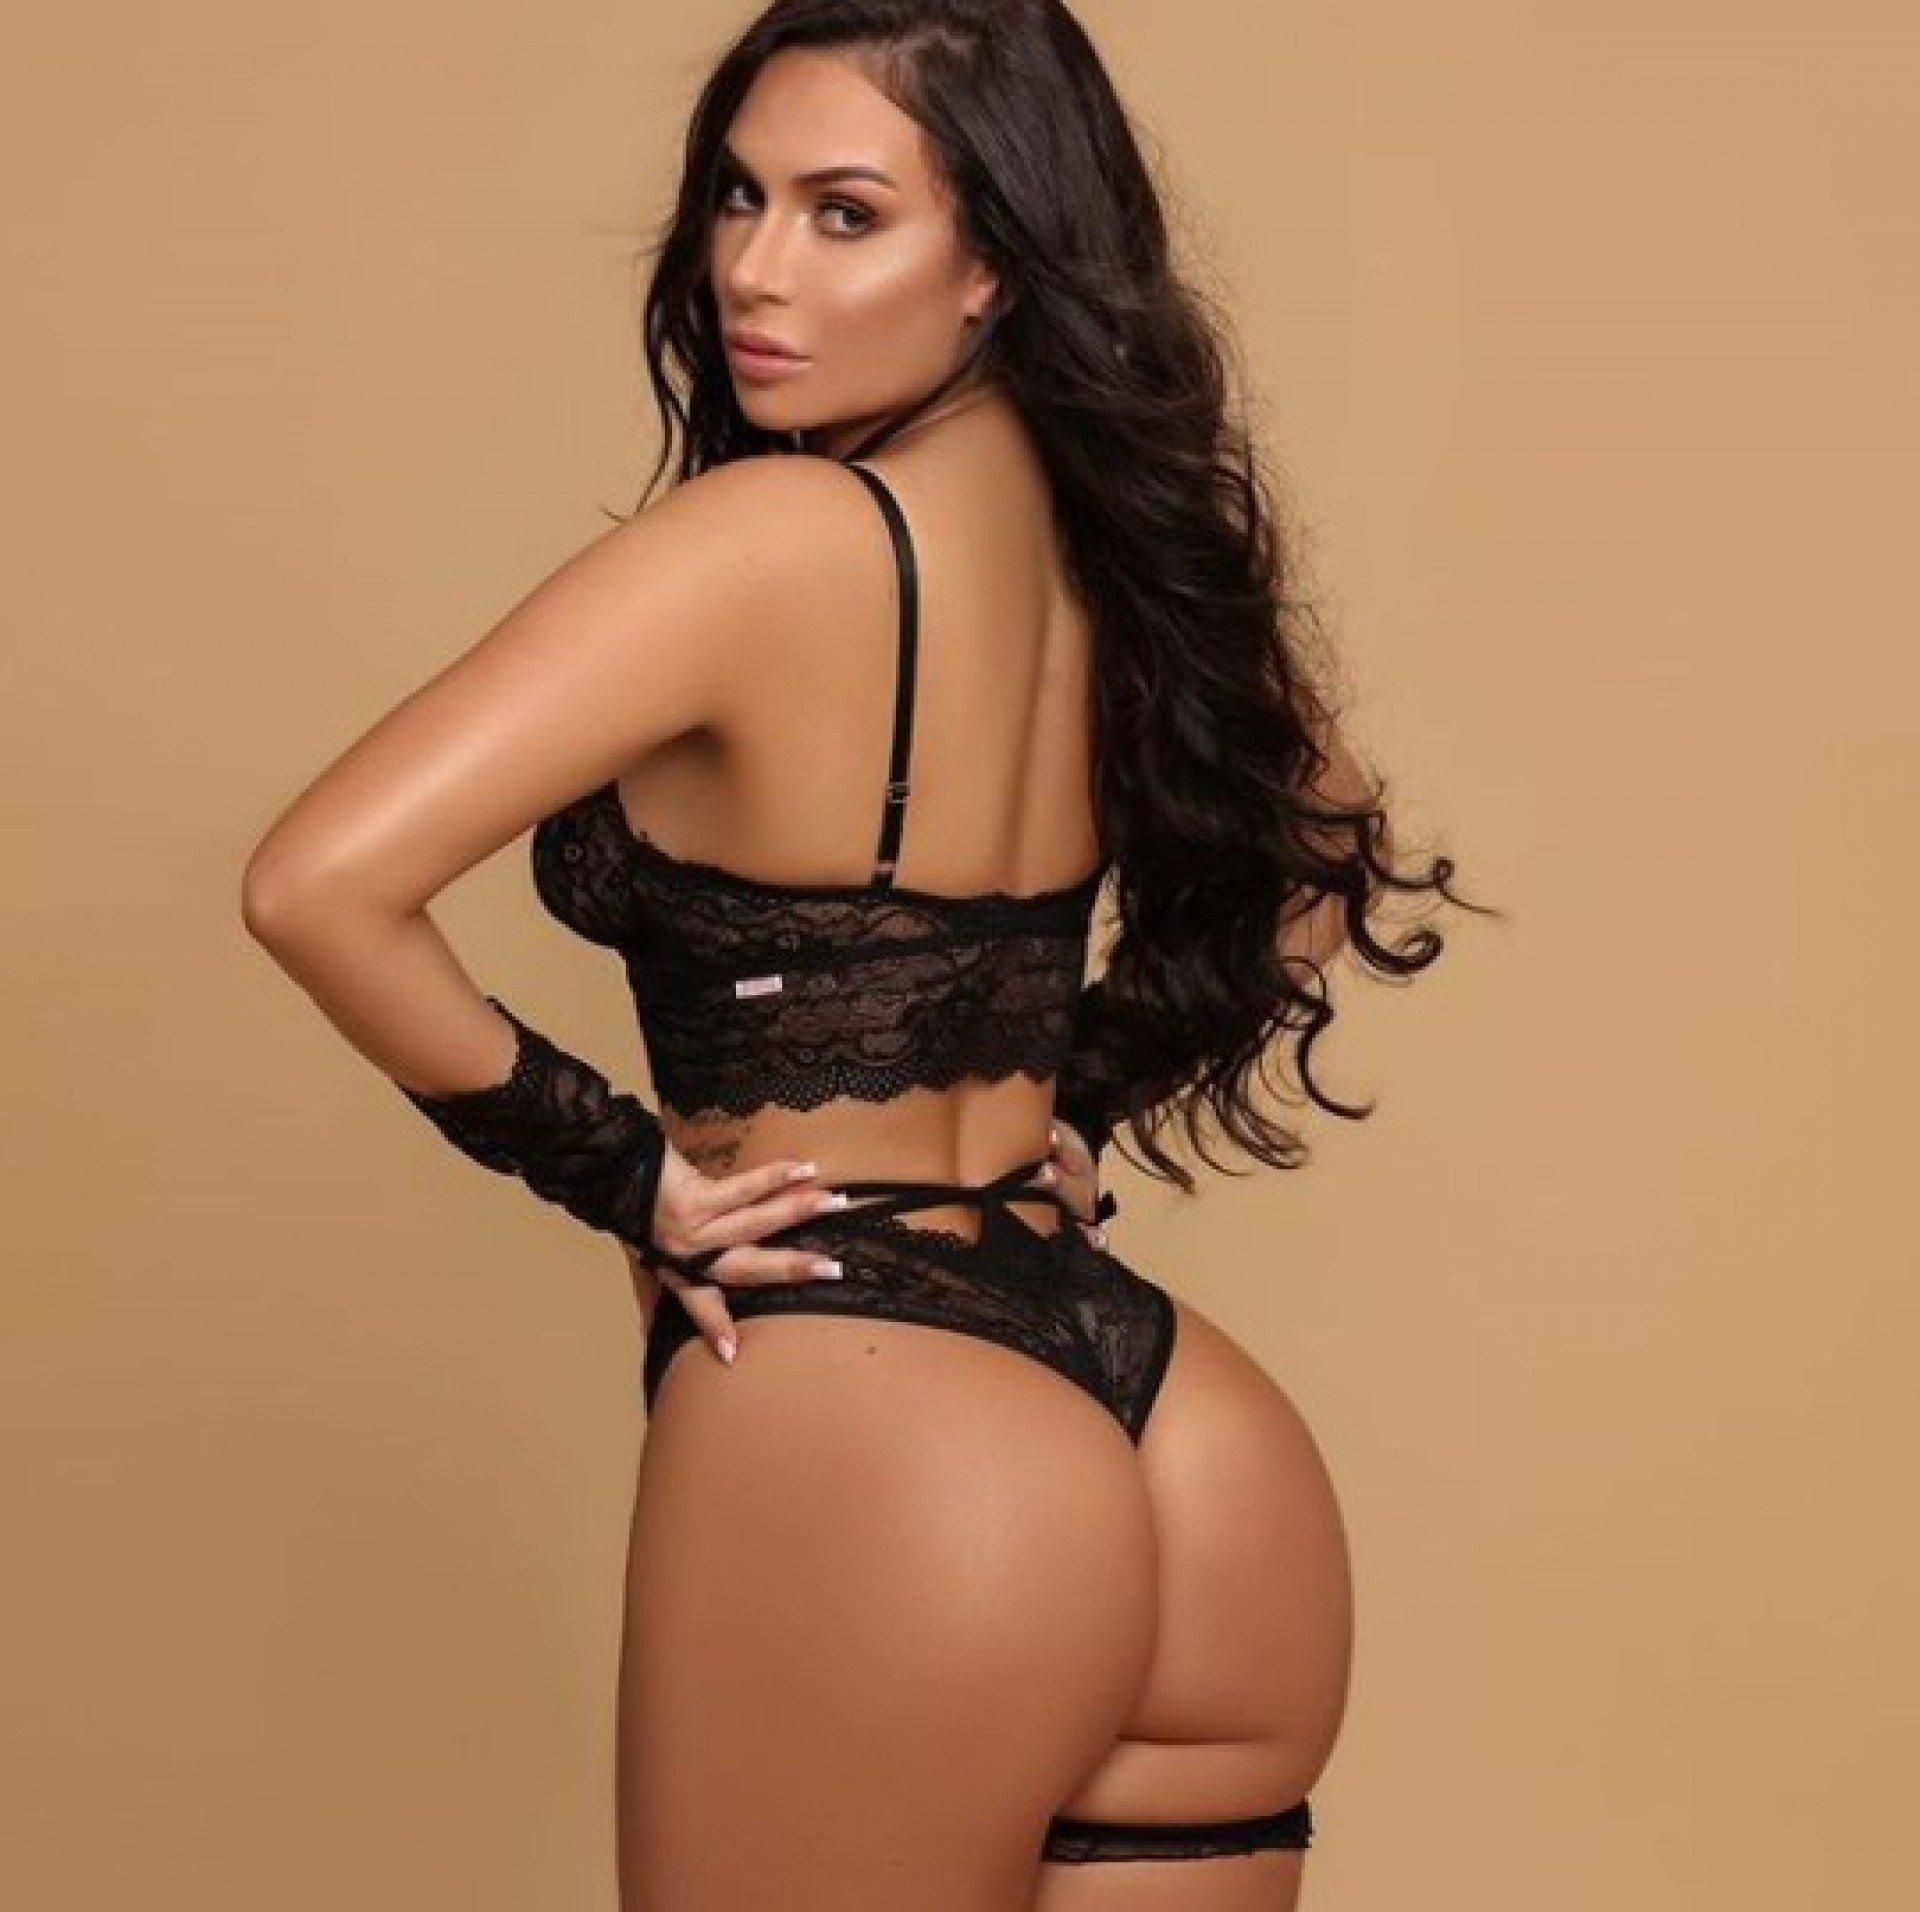 Manuela Santy exibe um corpo impressionante - Reprodução